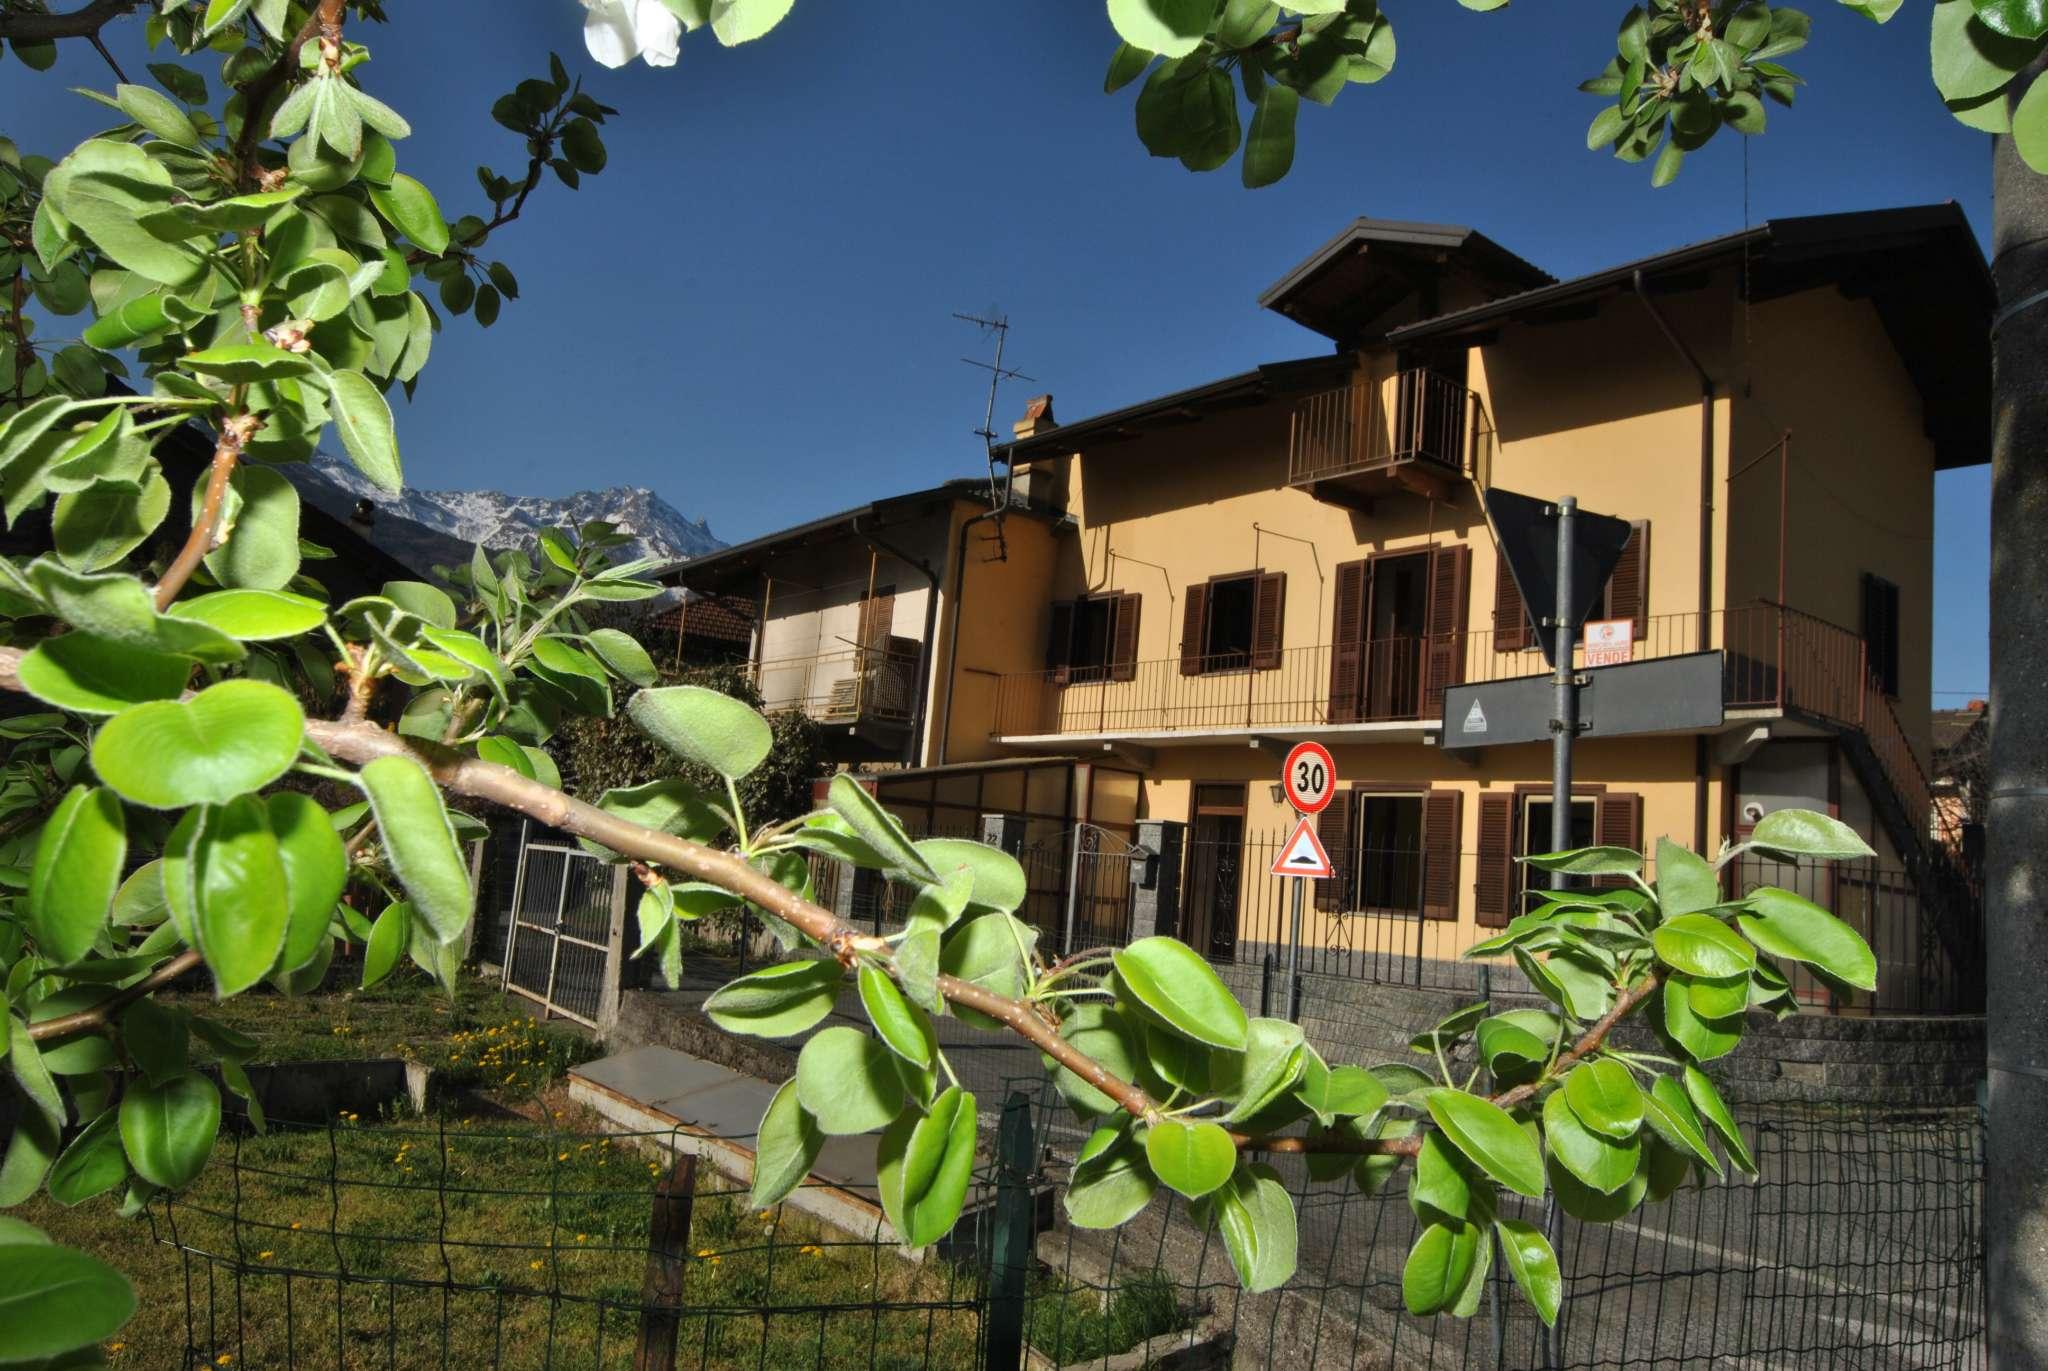 Palazzo / Stabile in vendita a Chianocco, 4 locali, prezzo € 79.000 | PortaleAgenzieImmobiliari.it